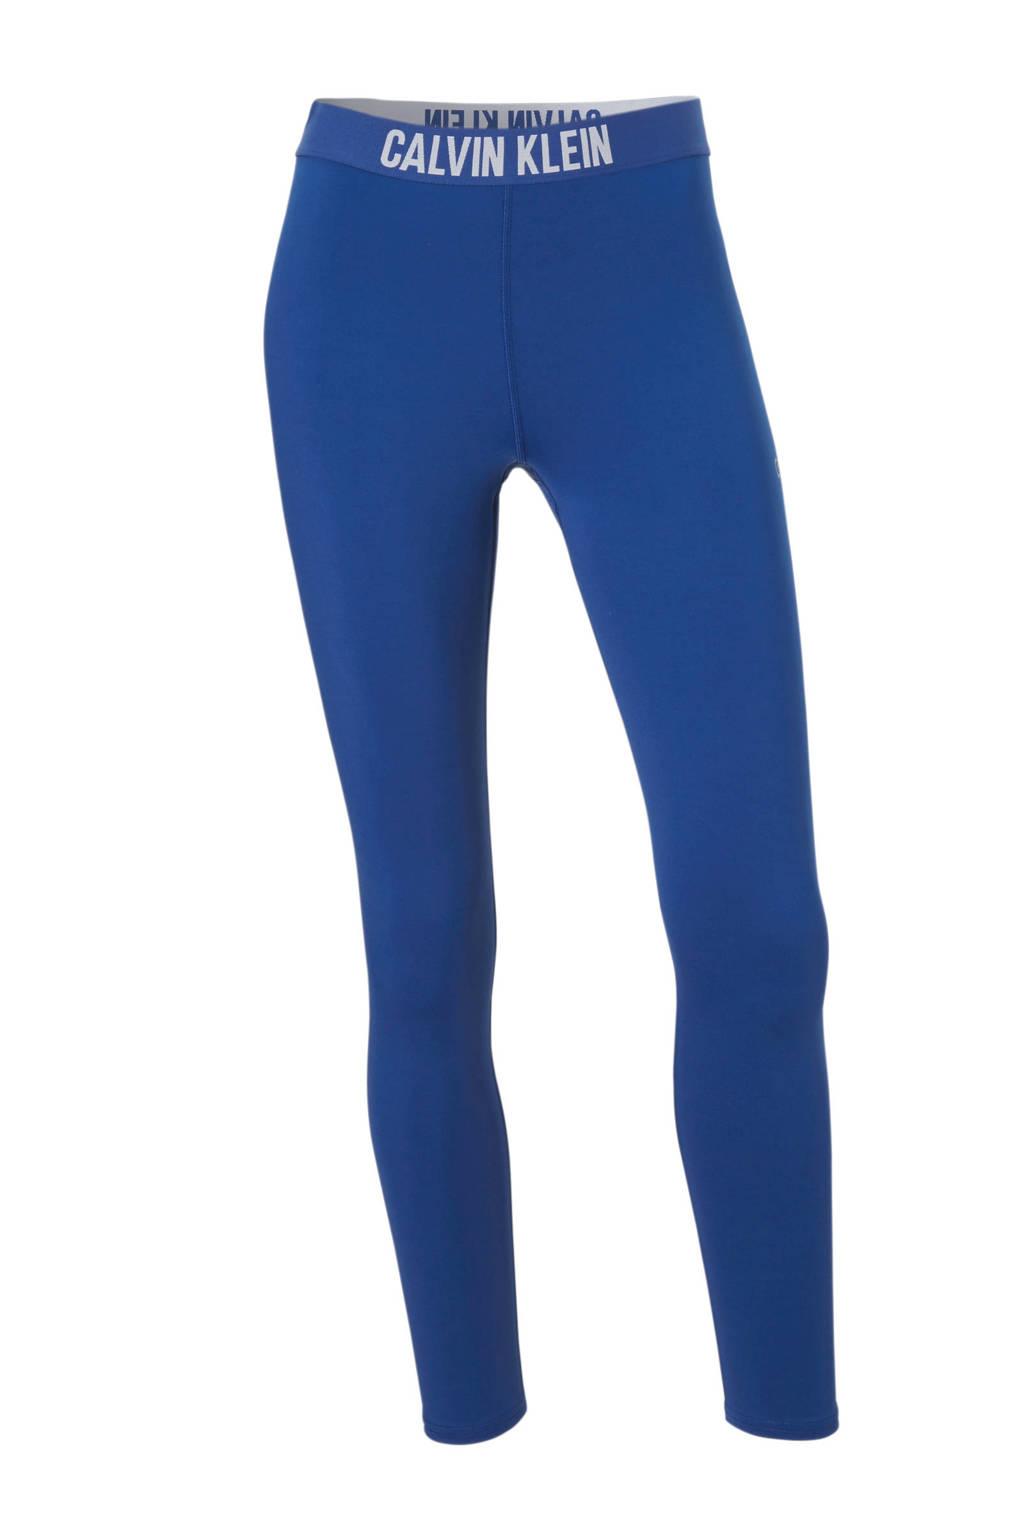 Calvin Klein Performance 7/8 leggging blauw, Blauw